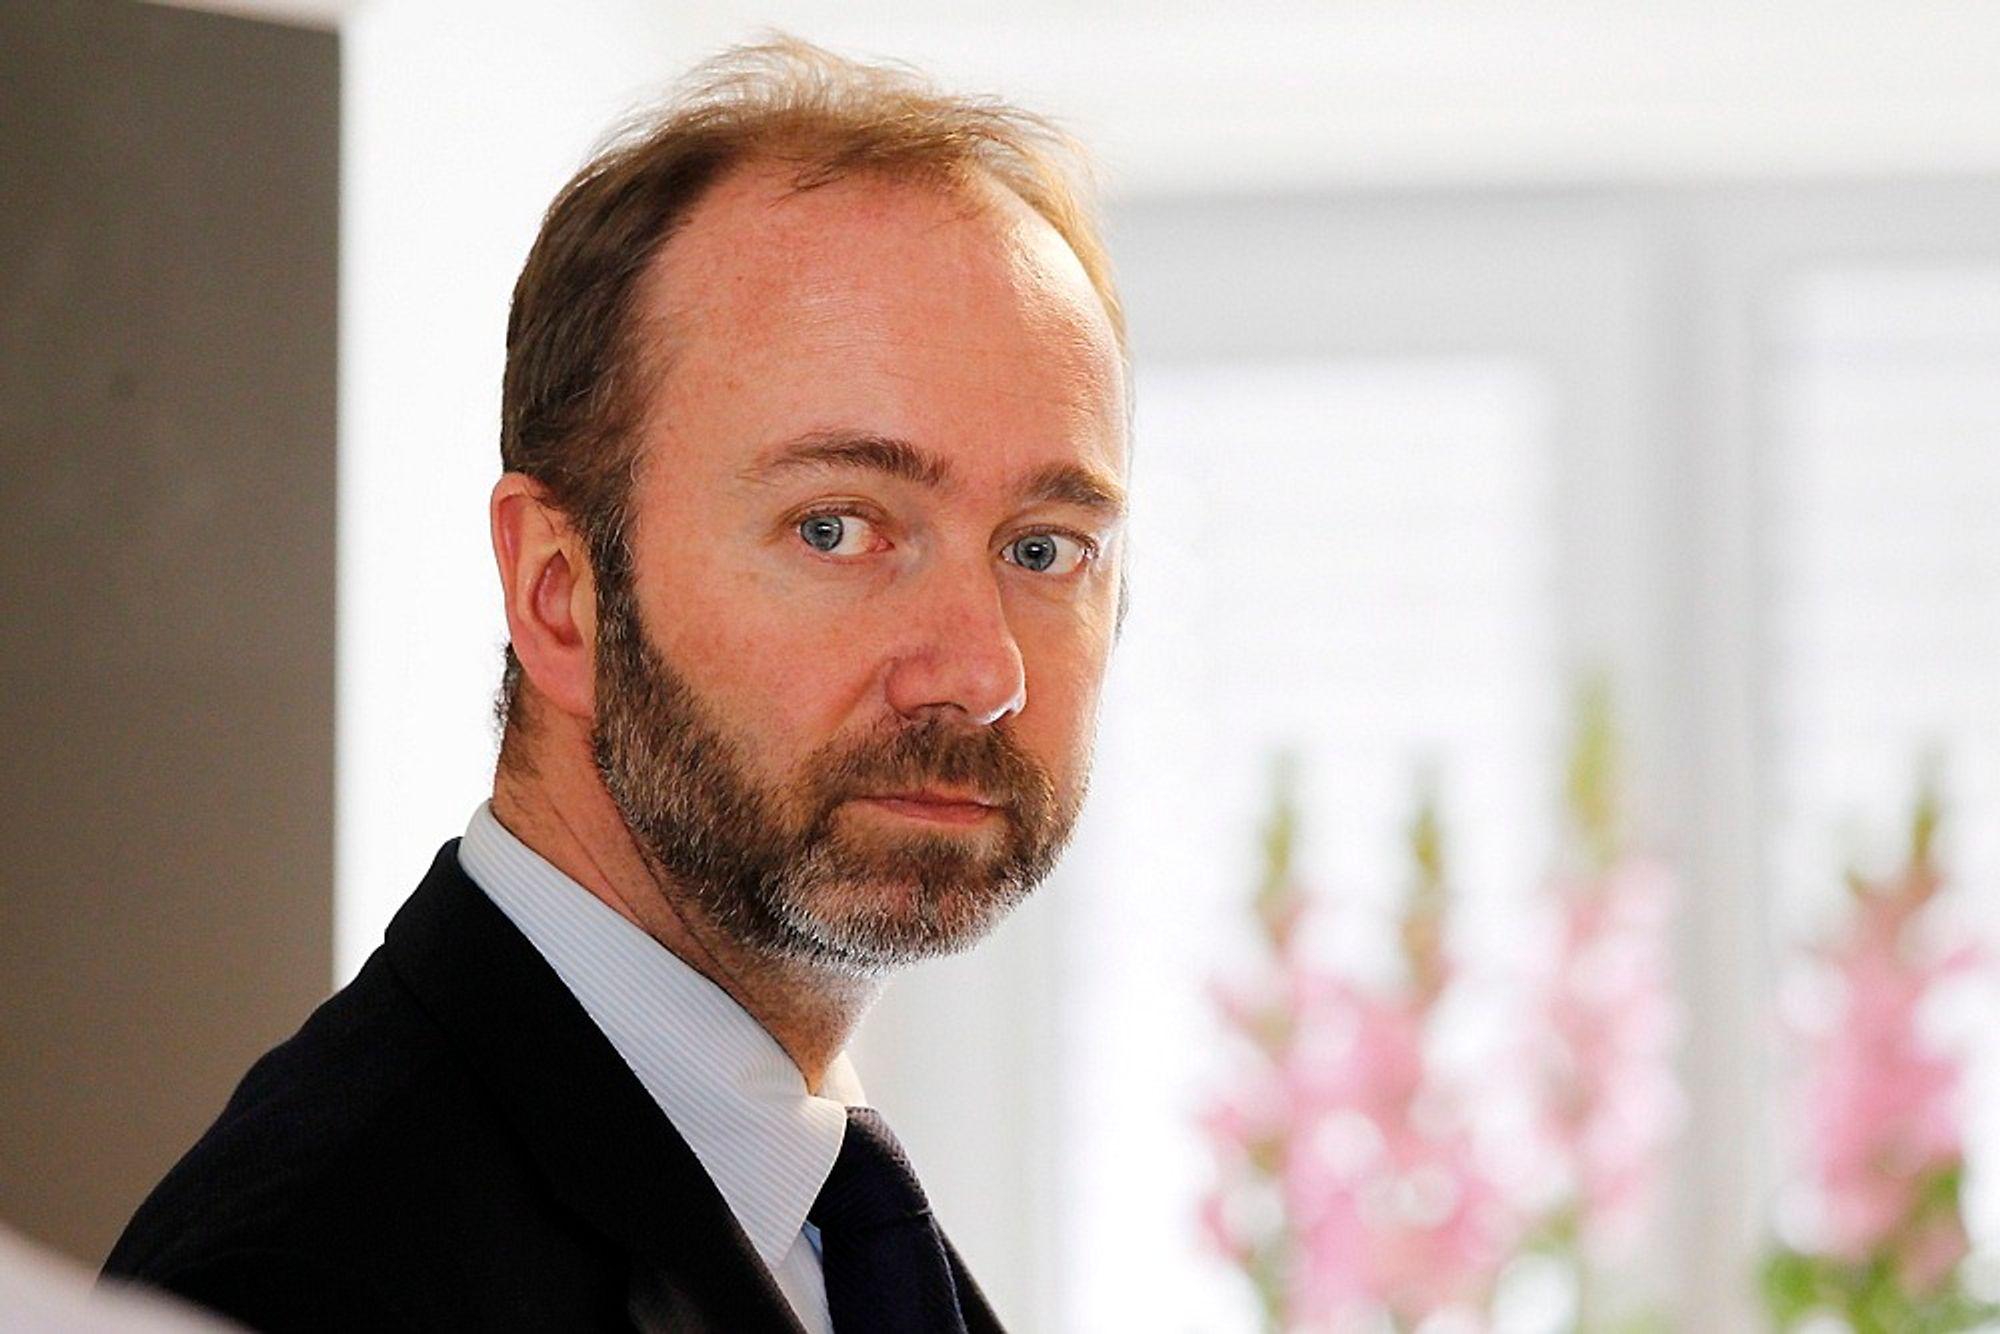 Nærings- og handelsminister Trond Giske åpner for å deponere gruveavfall fra mineralindustrien i norske fjorder. Miljøbevegelsen er skeptisk.